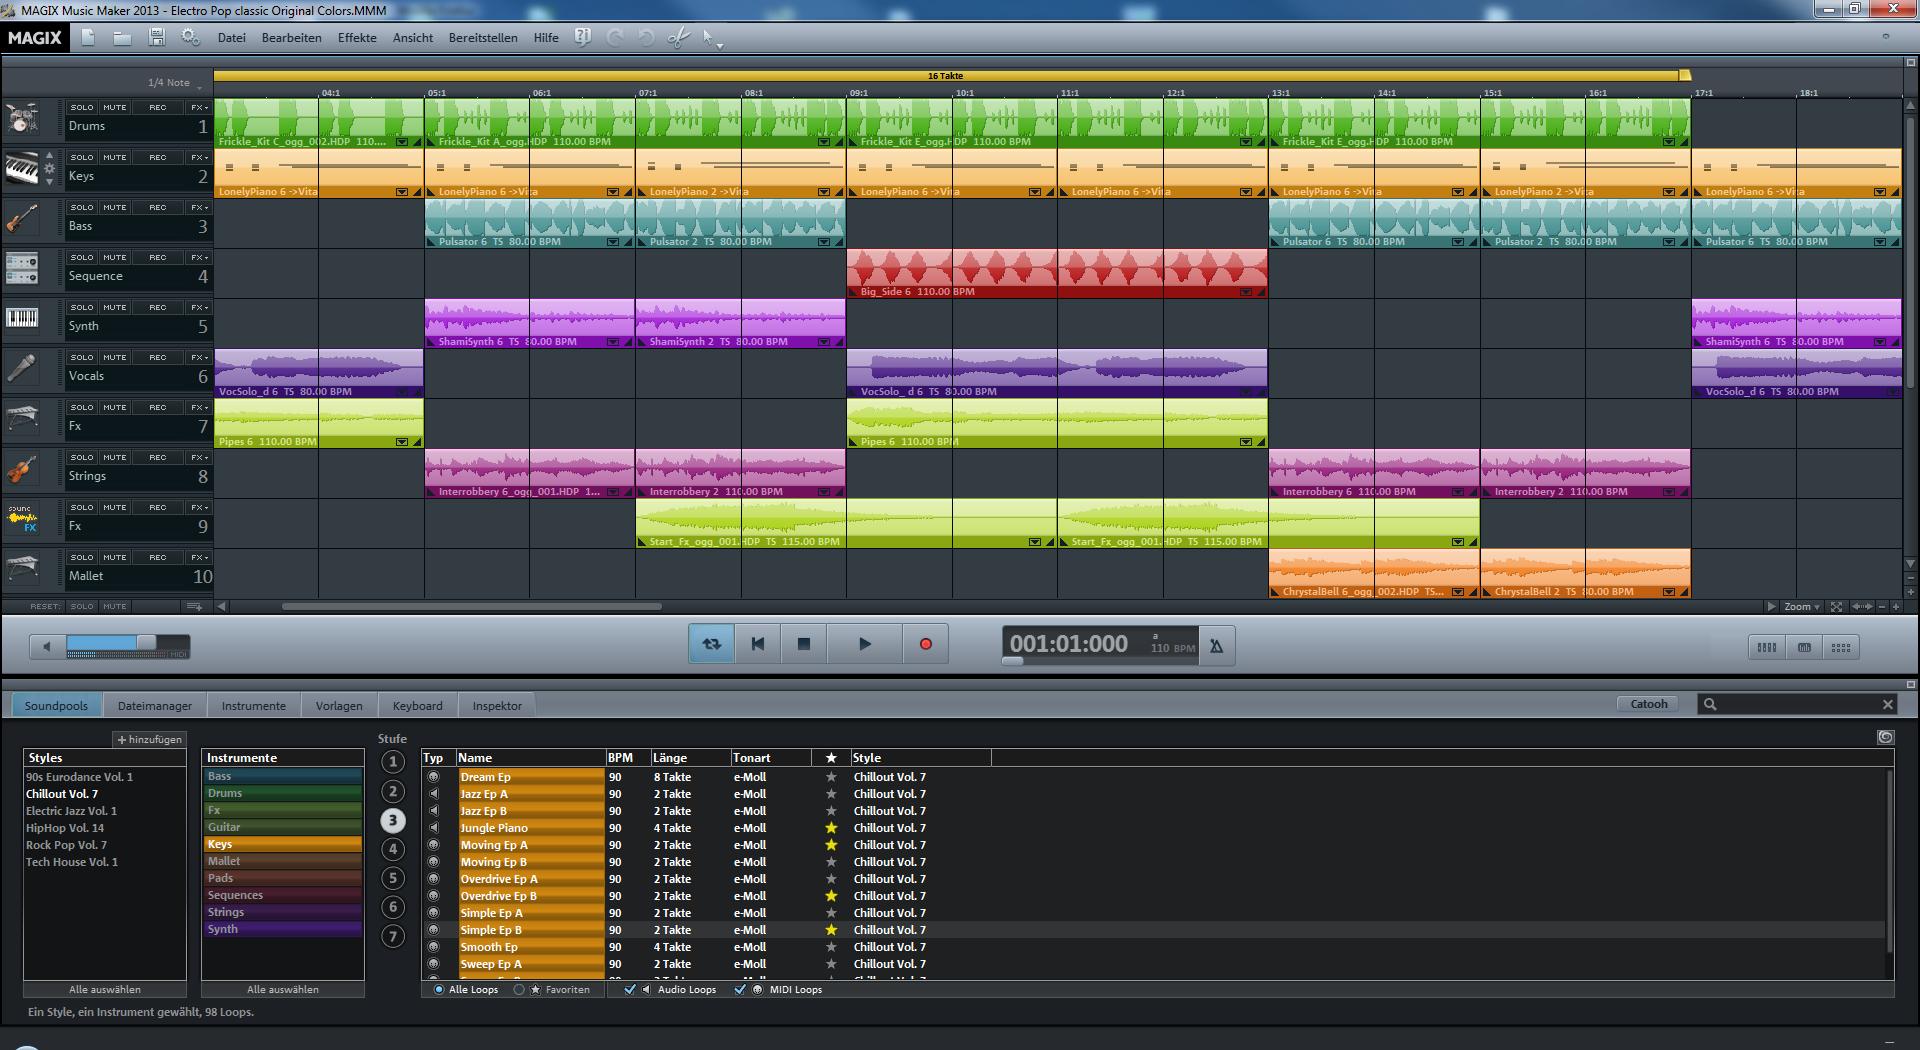 Magix music maker 2013 серийный номер - 3cb9